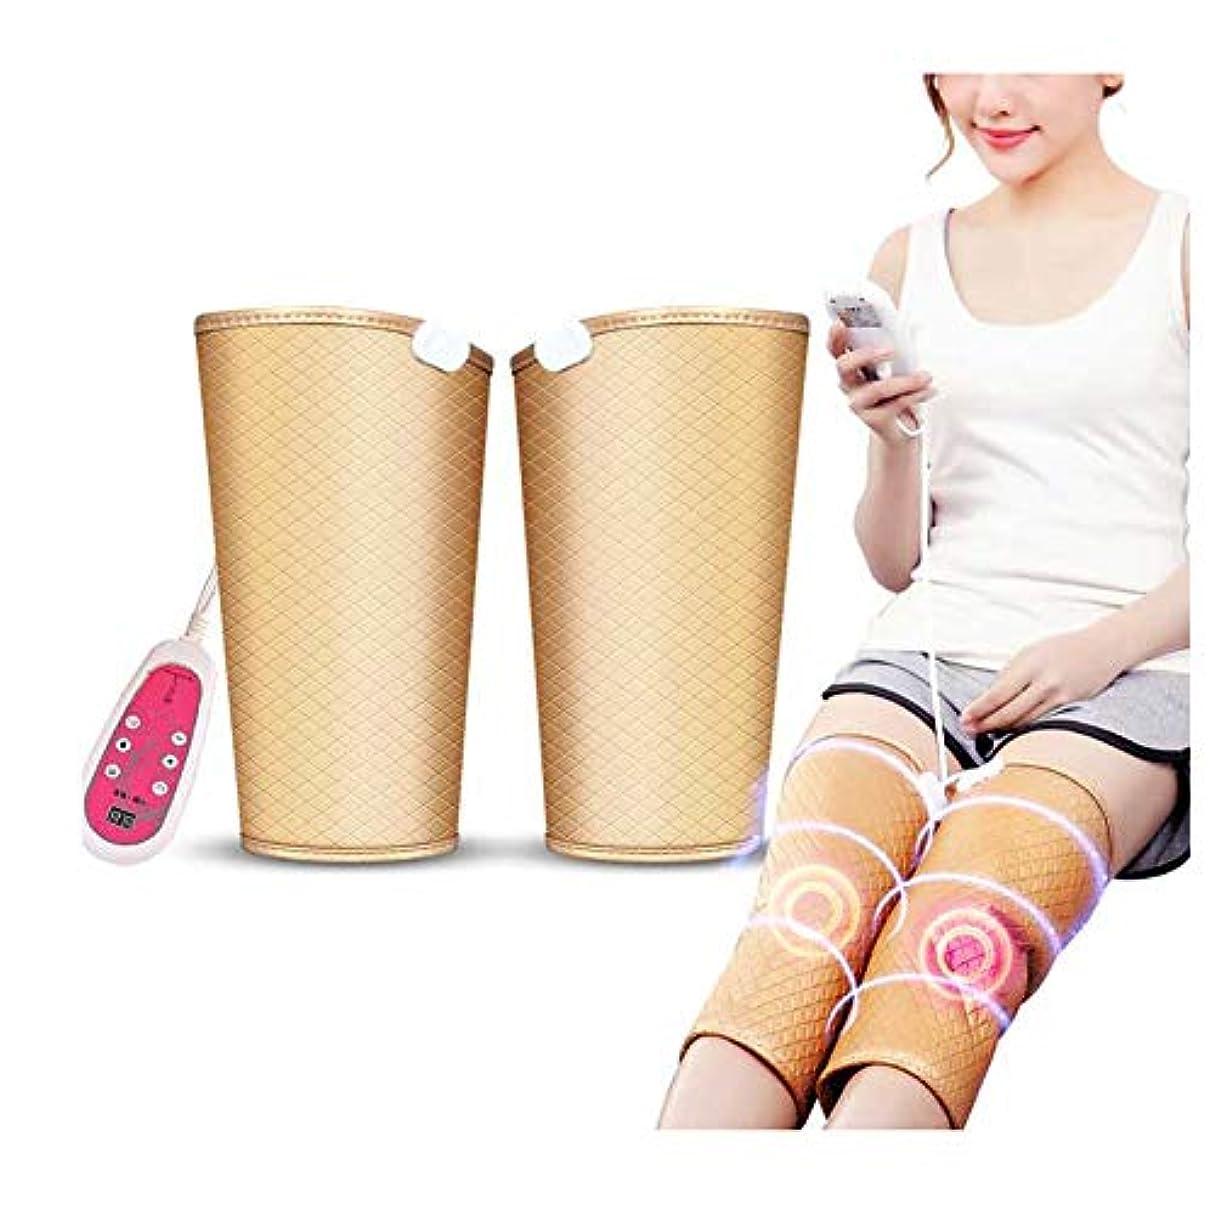 不規則性液化する技術暖房膝サポート9マッサージモードと膝のけがのための5つの速度でラップ膝温めラップパッド療法マッサージャー